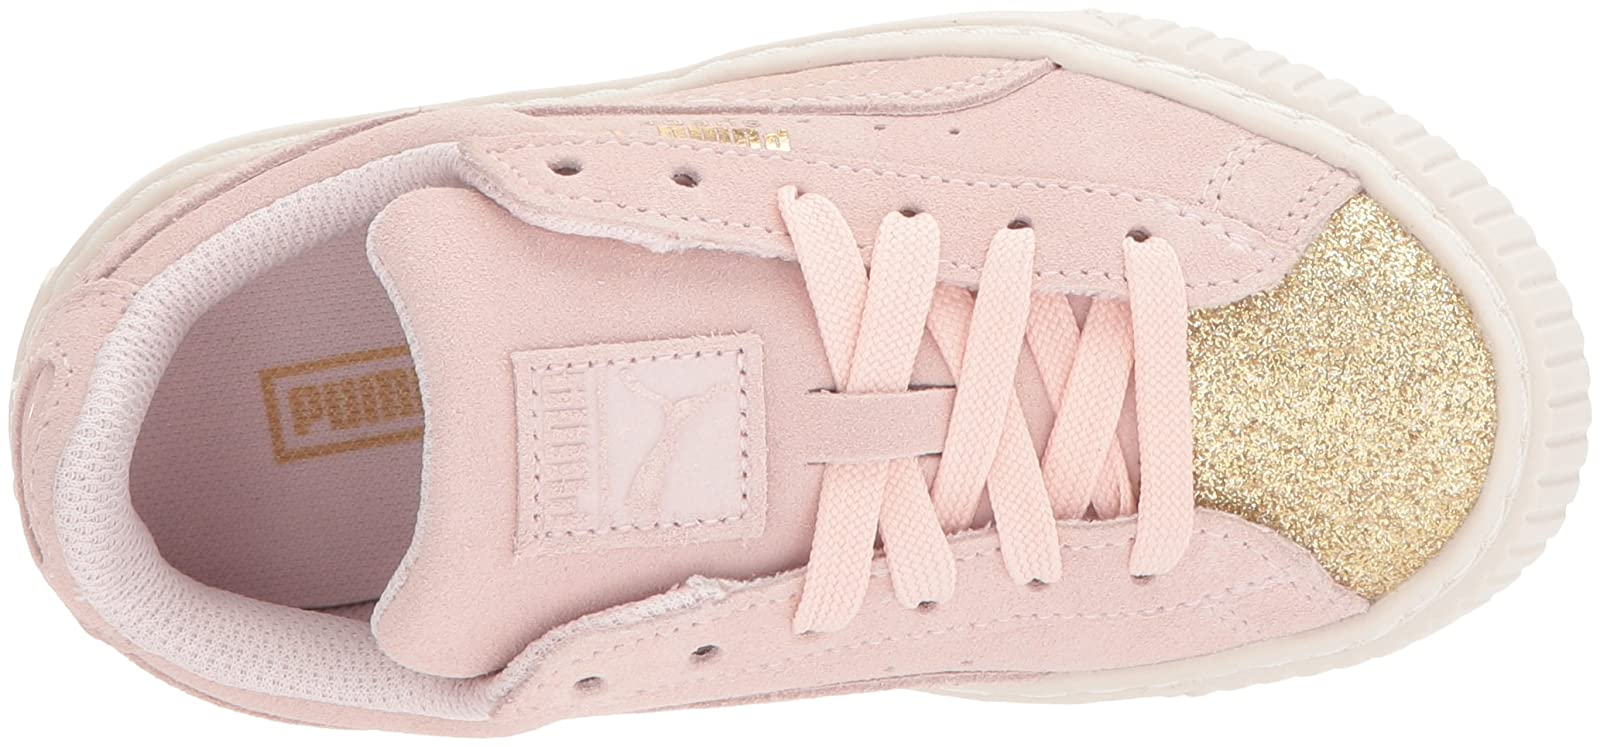 PUMA Kids' Suede Platform Glam Sneaker Pink 36492207 - 8